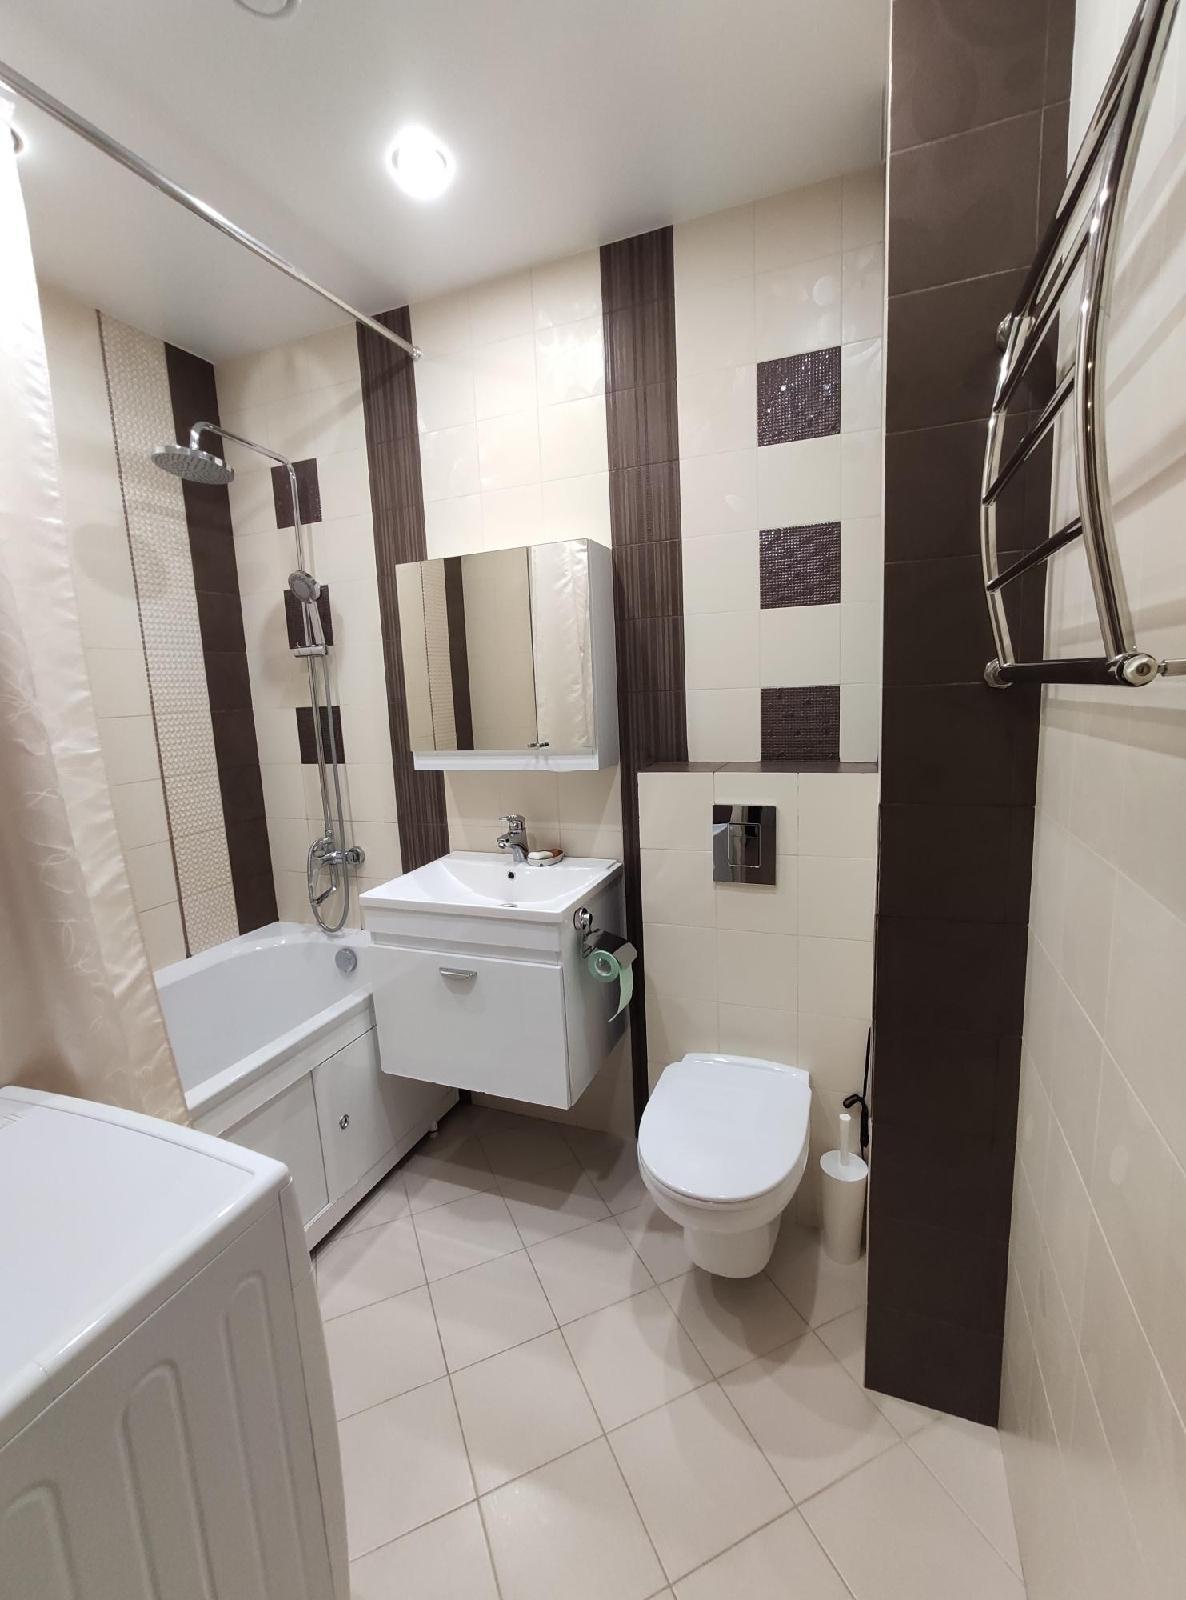 2к квартира улица Академика Киренского, 24 | 30000 | аренда в Красноярске фото 5